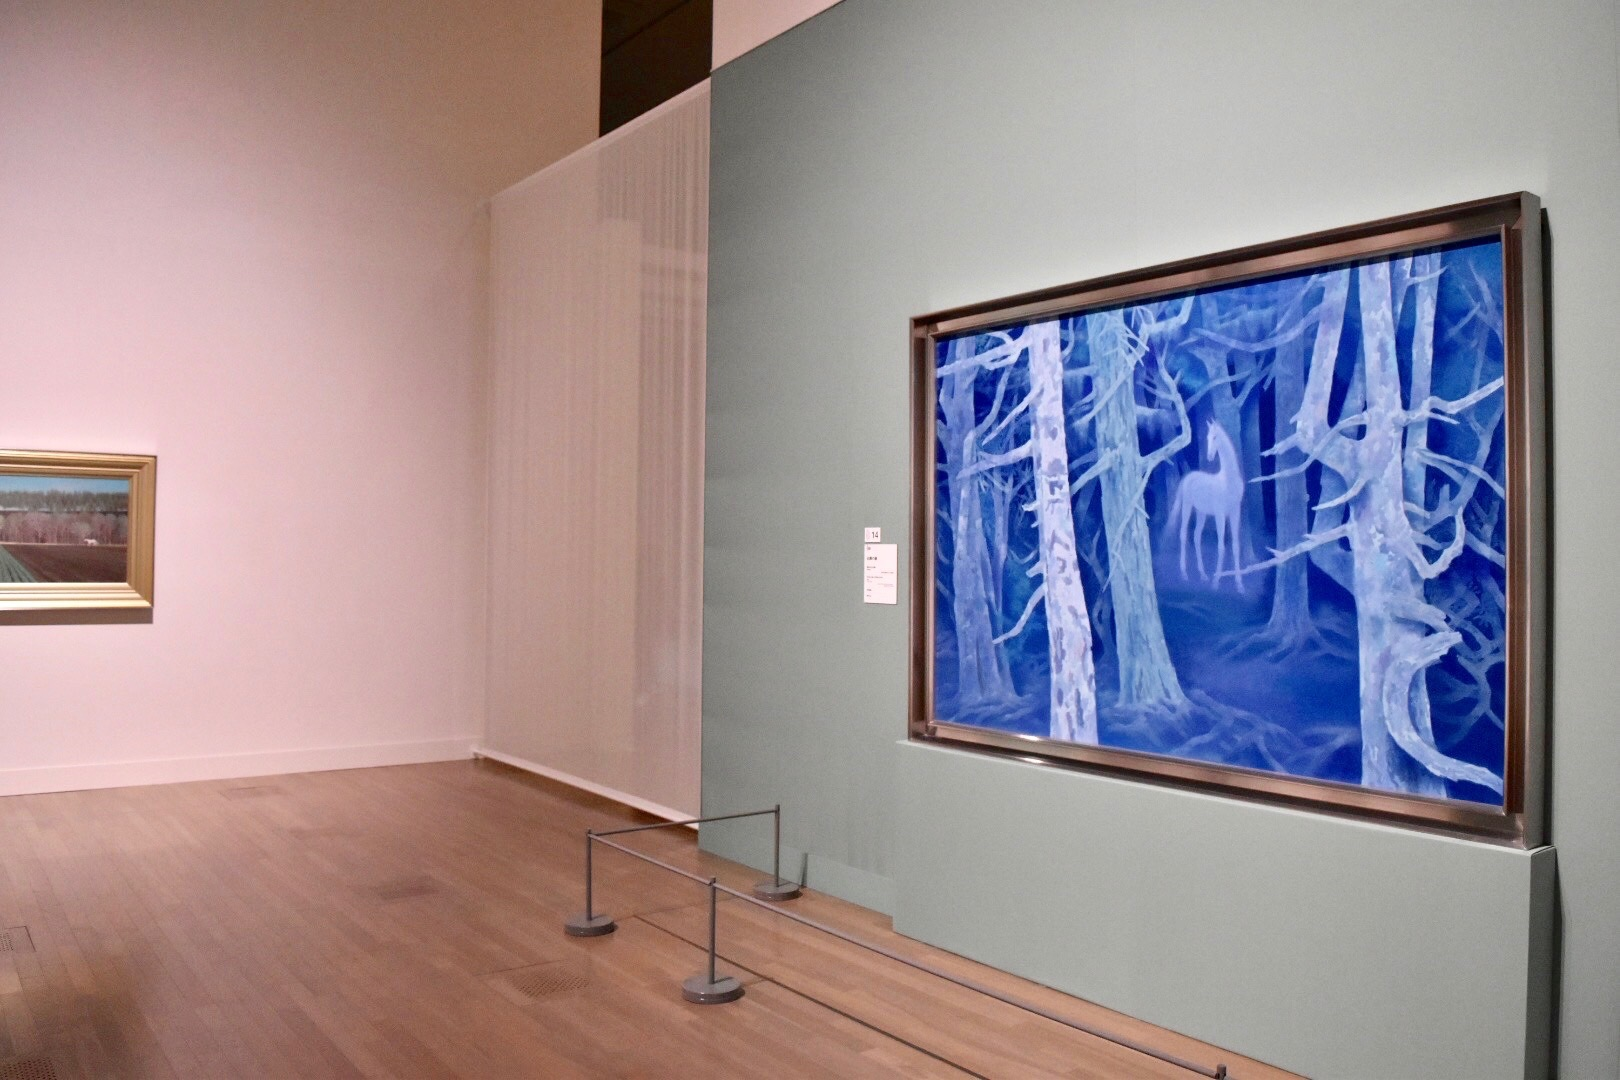 《白馬の森》 昭和47年 長野県信濃美術館 東山魁夷館蔵